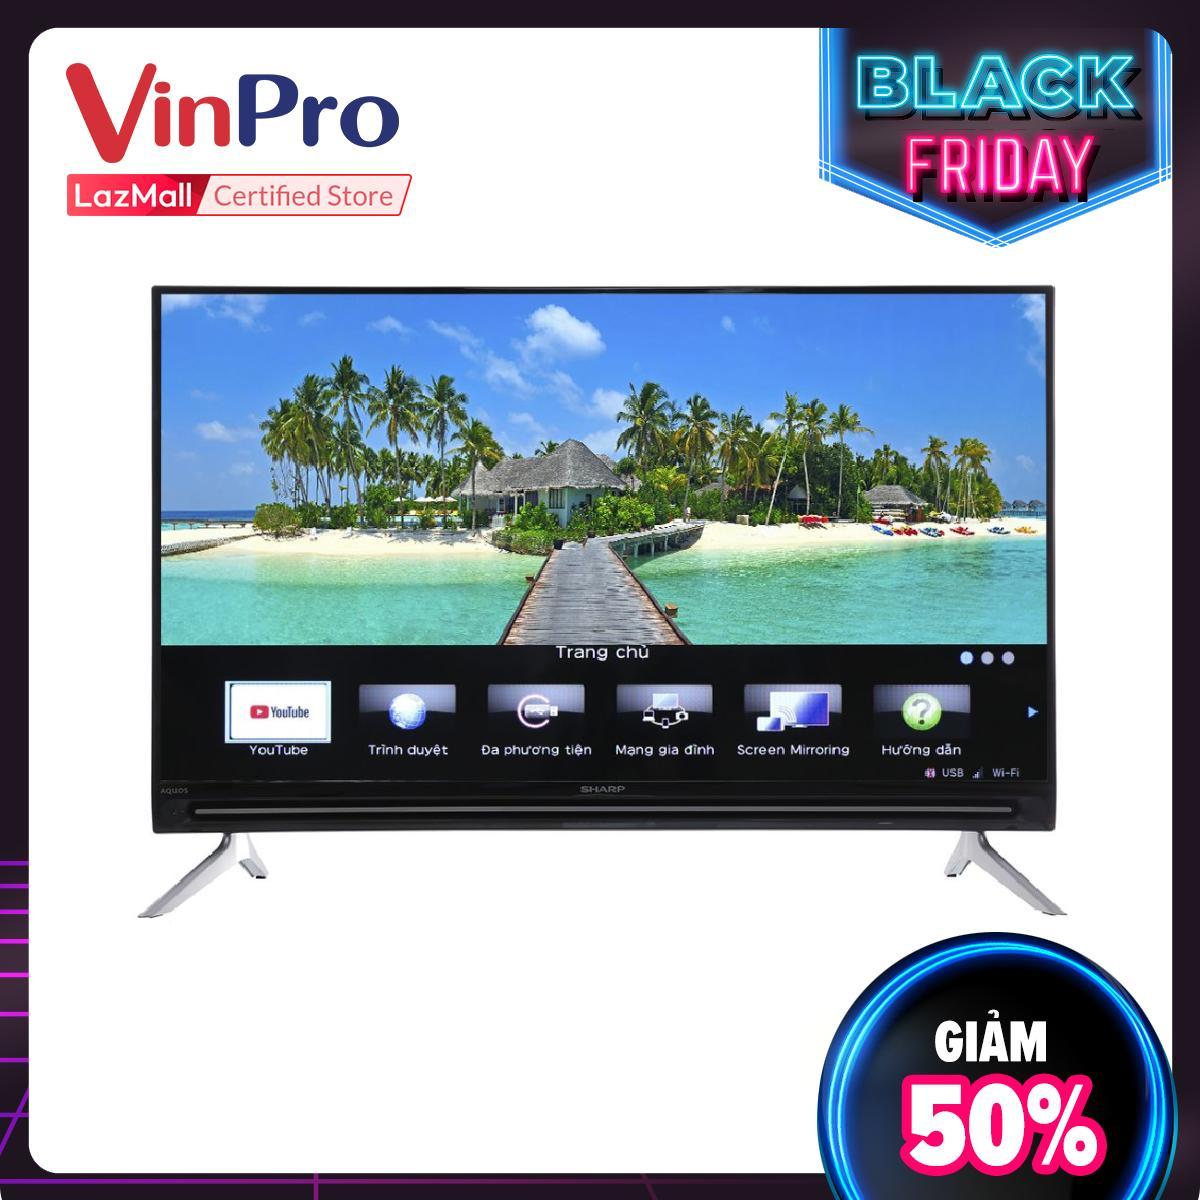 Bảng giá Smart Tivi Sharp 32 inch HD LC-32SA4500X - Hàng Chính Hãng - Công nghệ hình ảnh: X2 Master Engine, Công nghệ âm thanh: Dolby Audio, Bass Enhancer - Bảo hành 1 năm